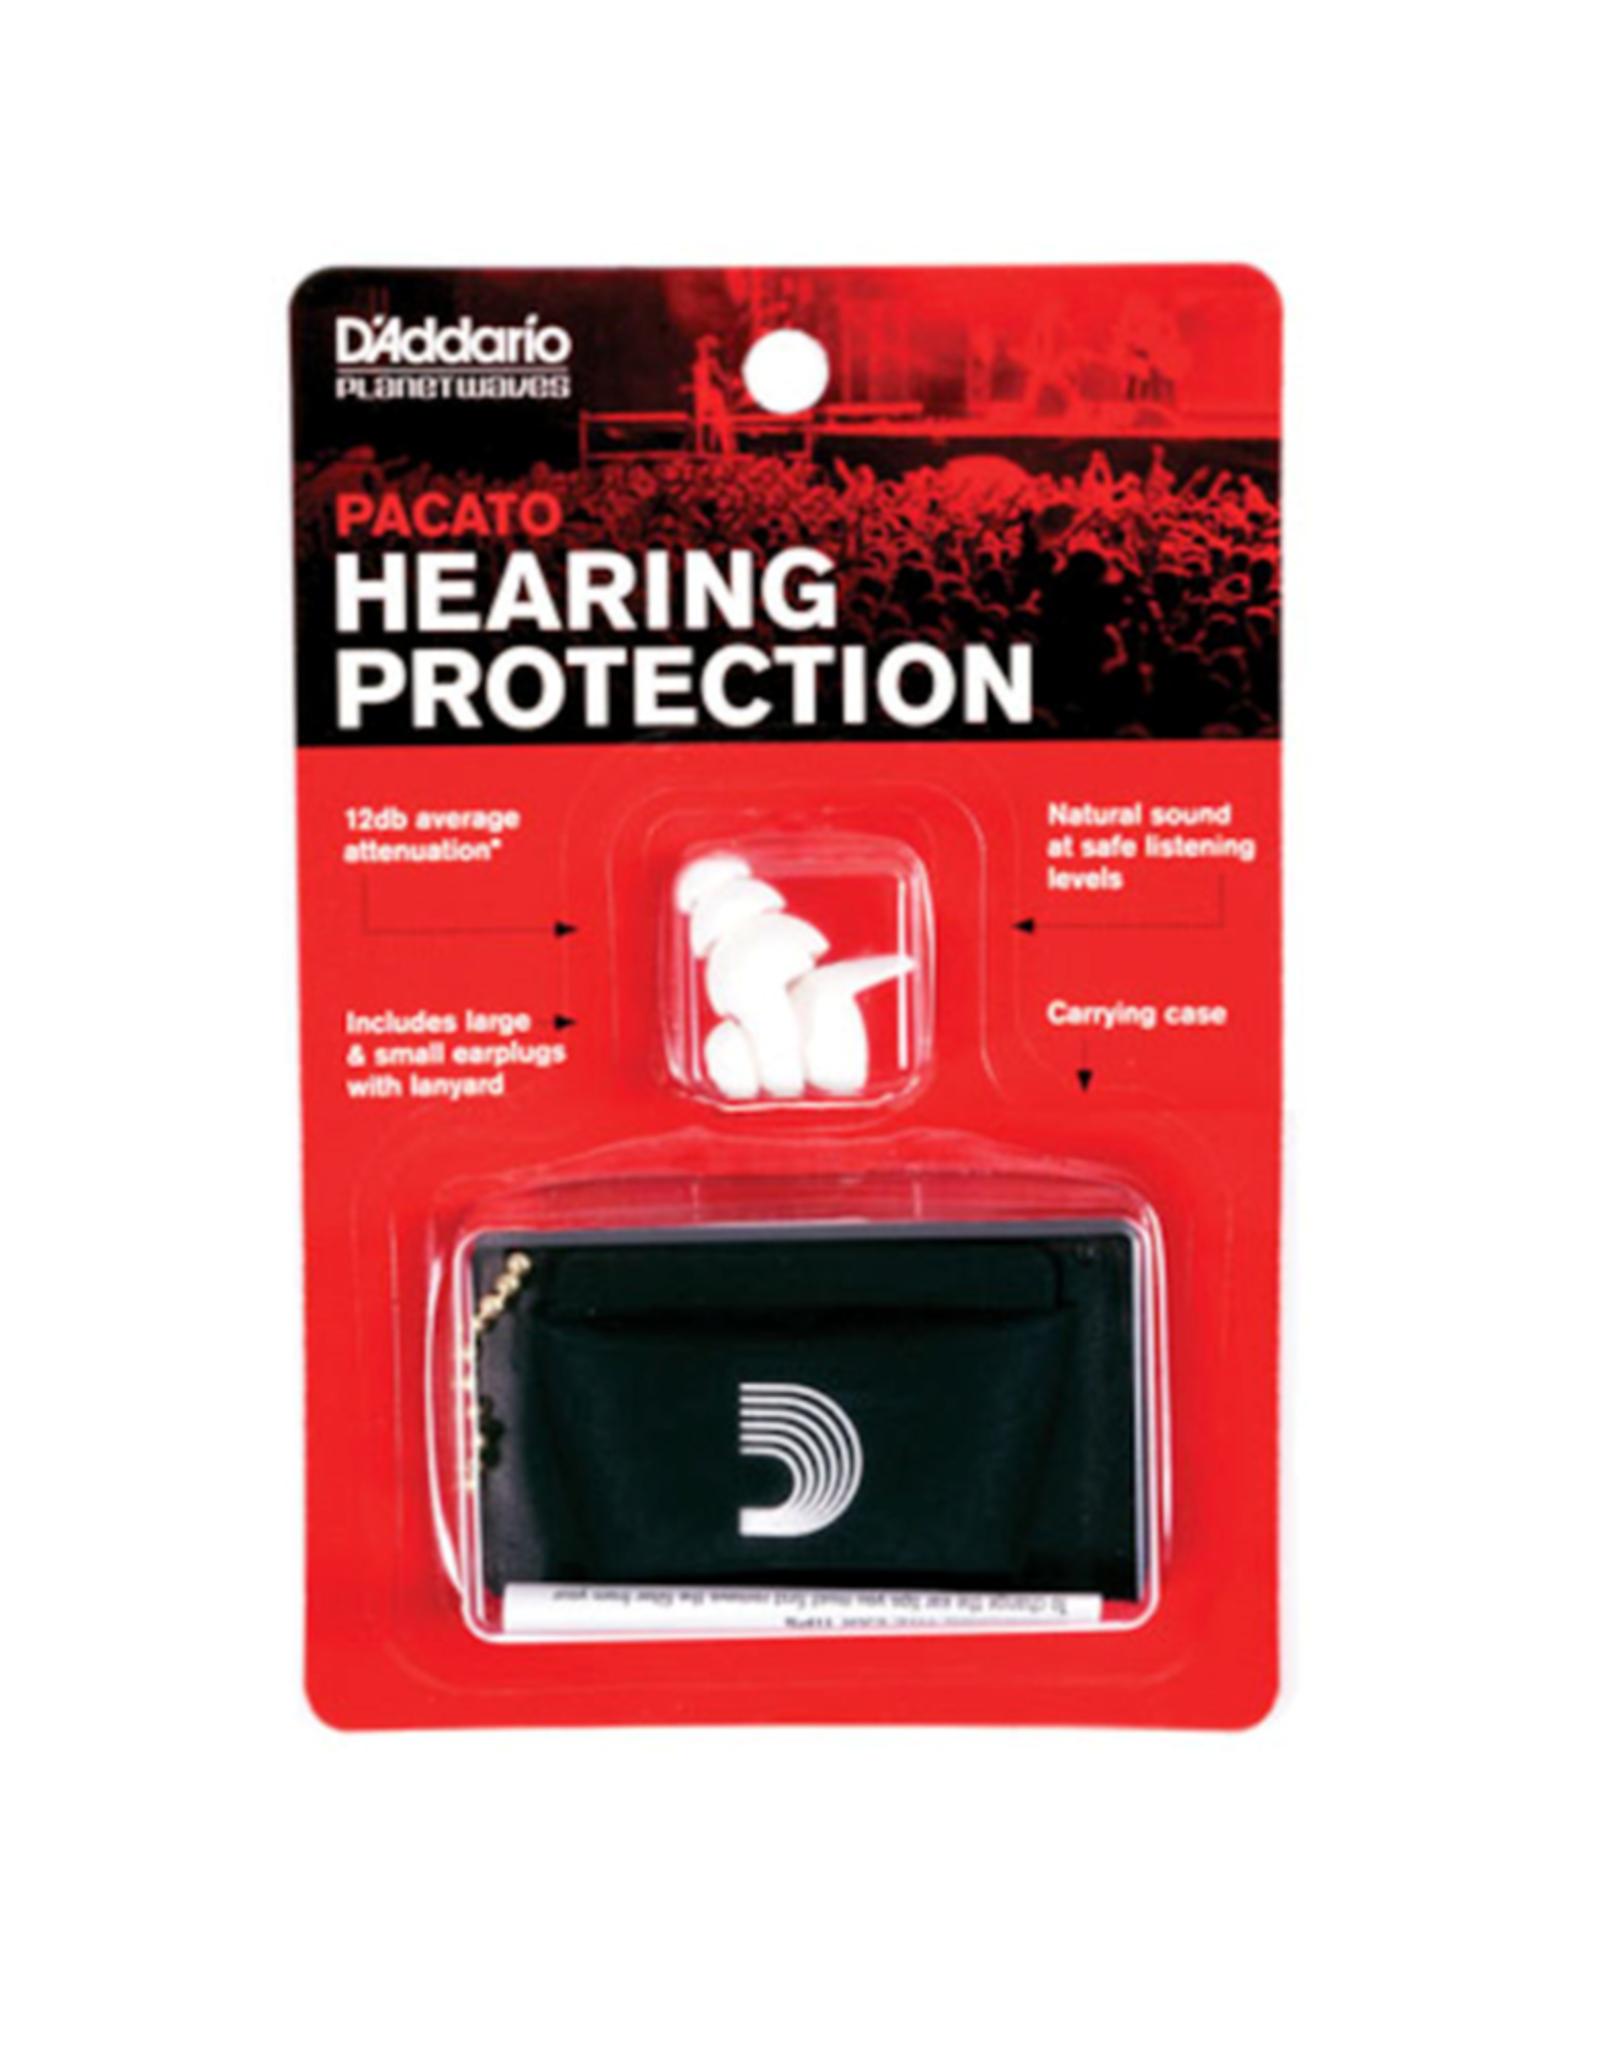 D'Addario D'Addario Pacato Hearing Protection